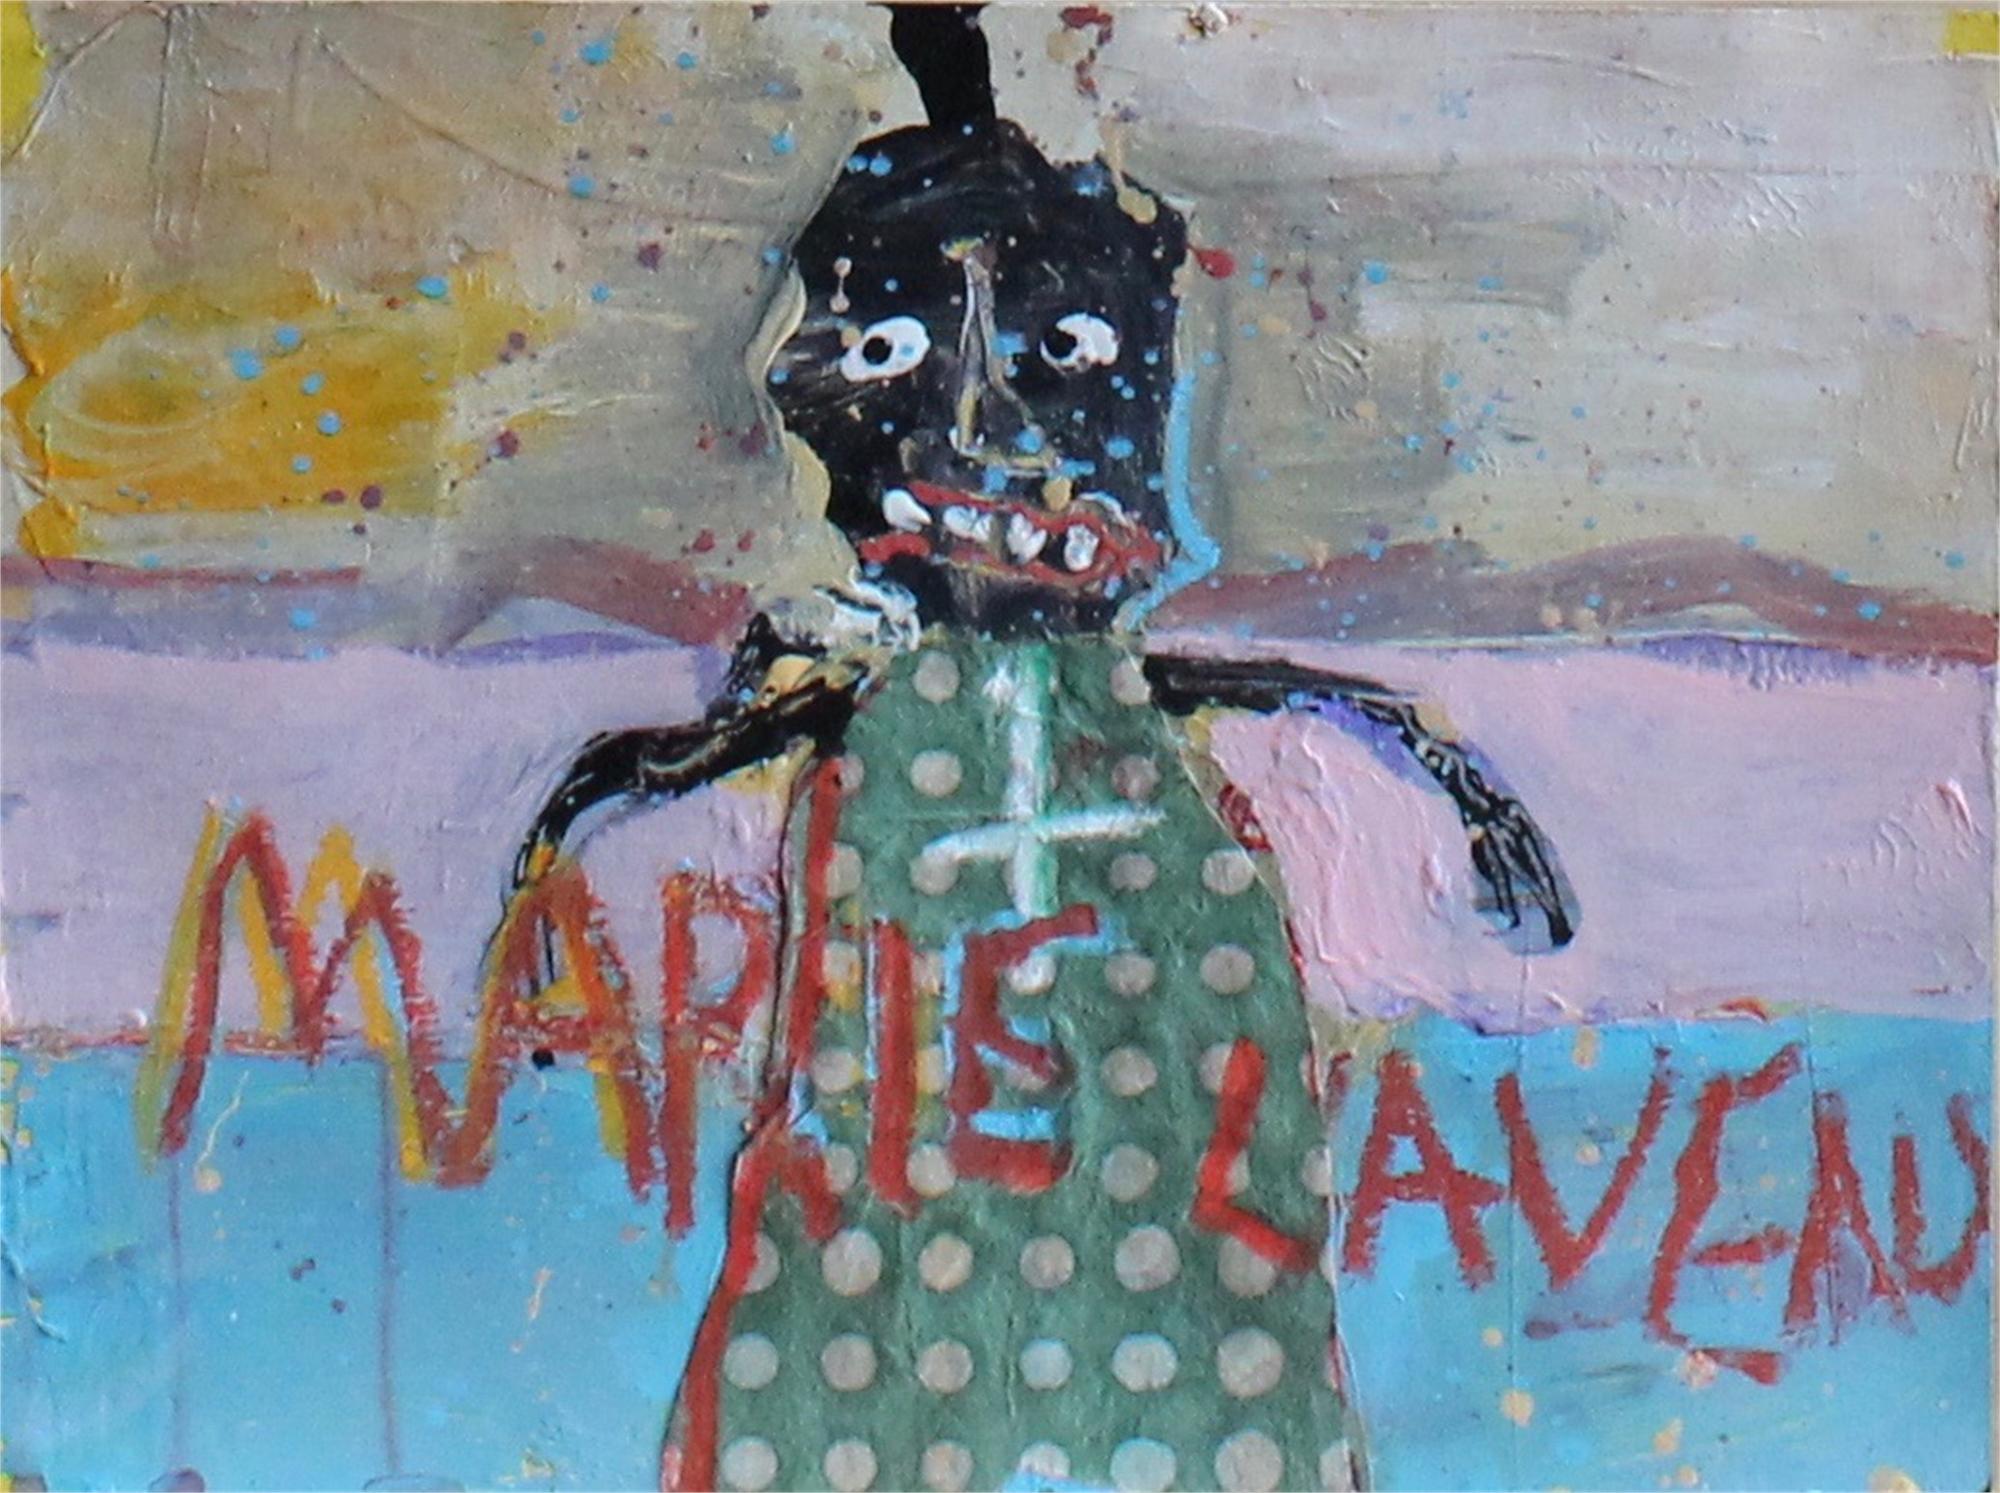 Marie Laveau by Michael Snodgrass